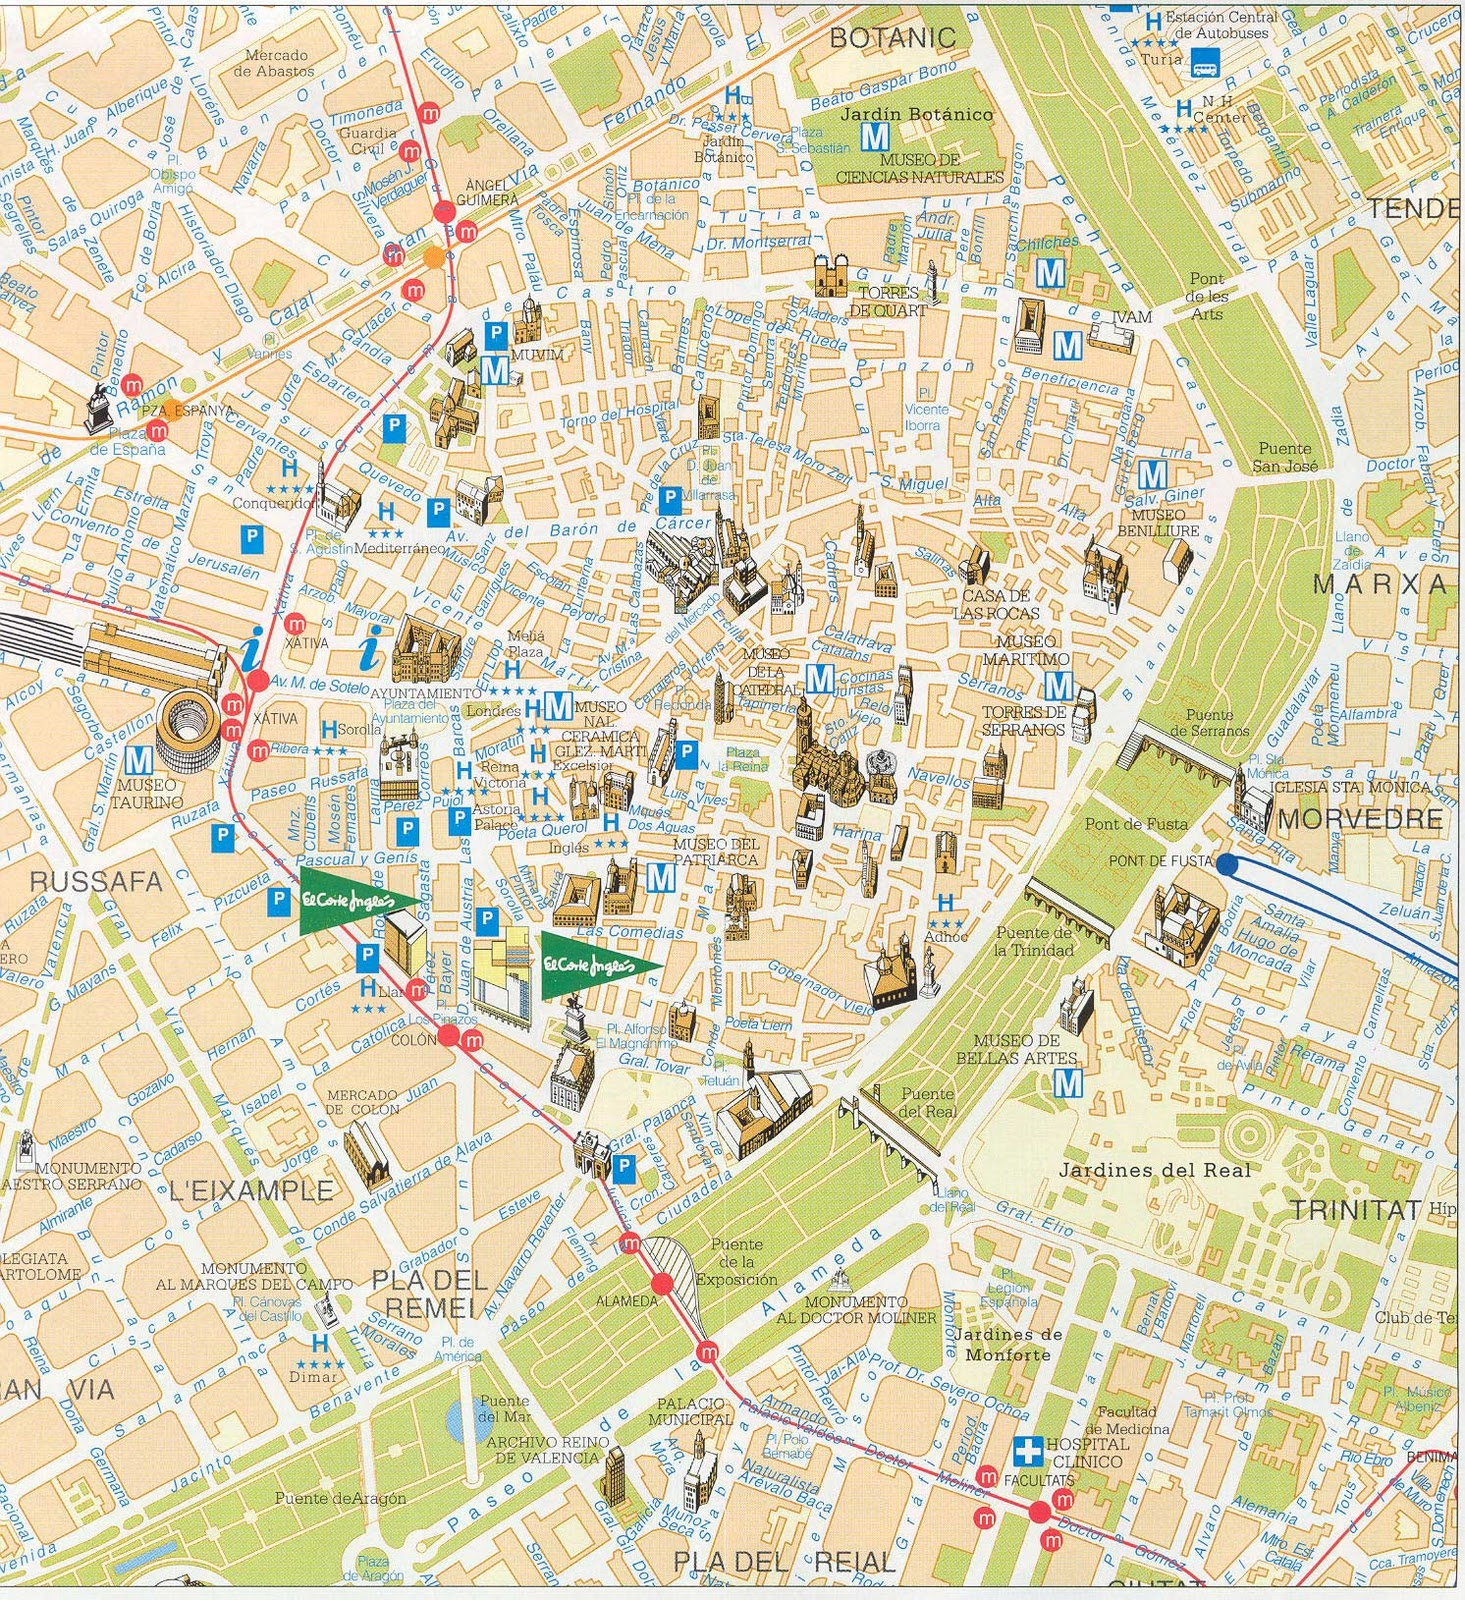 Mapa del centro de Valencia